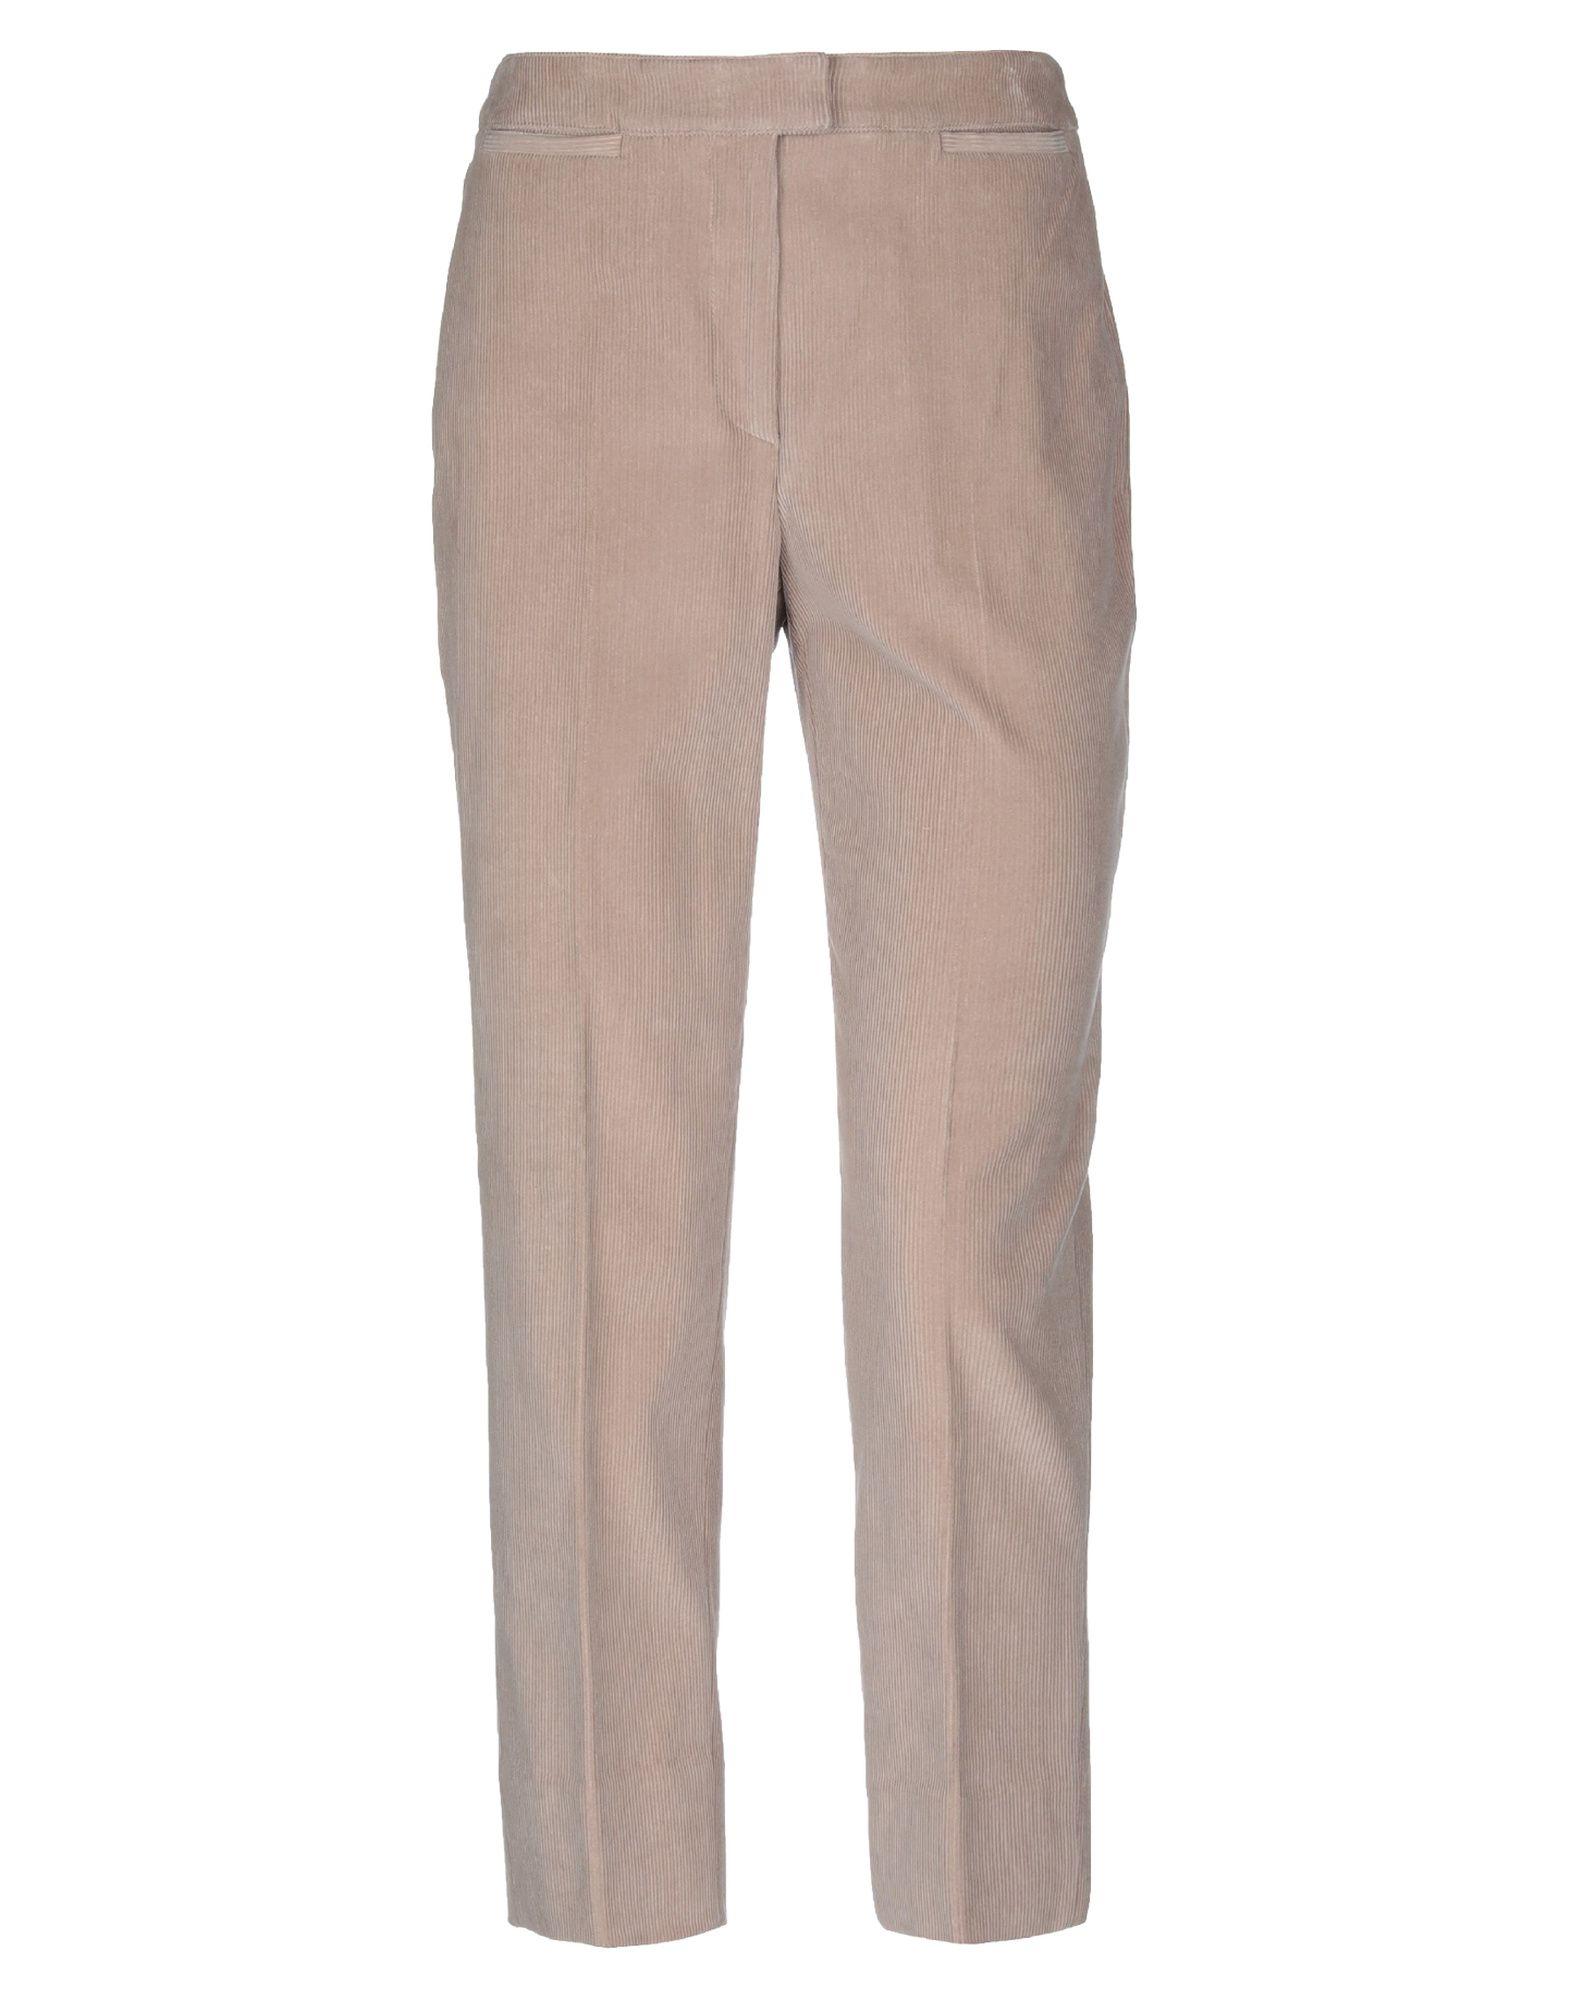 Pantalone Piazza Sempione donna donna - 36554612TD  jetzt bestellen